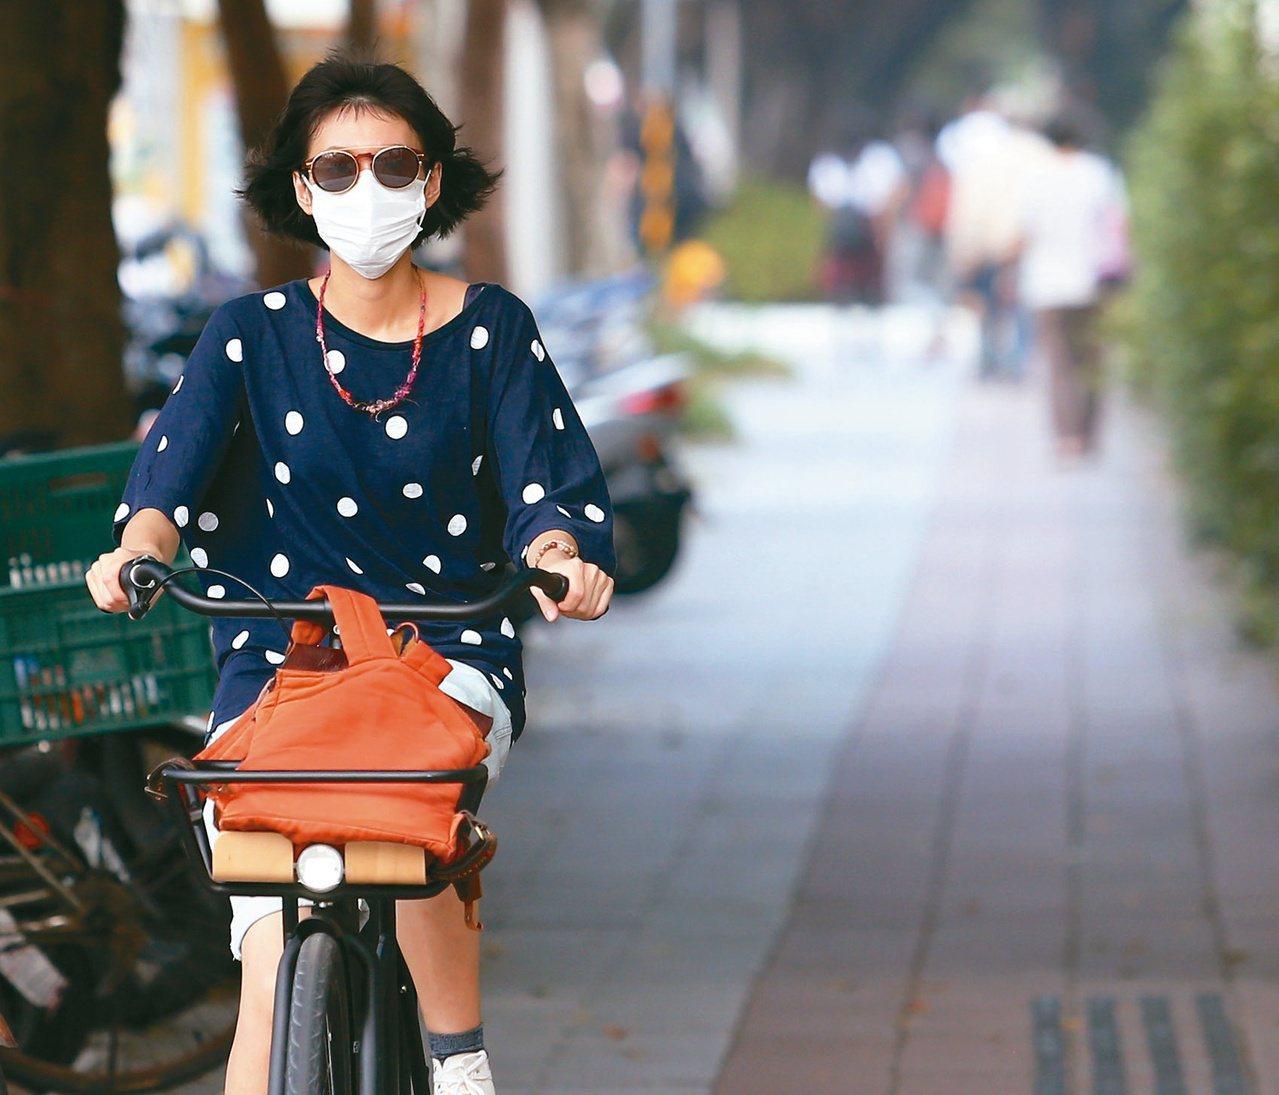 環保署今天公布107年各縣市PM2.5的年平均值,全台22縣市僅有6縣市達到標準...